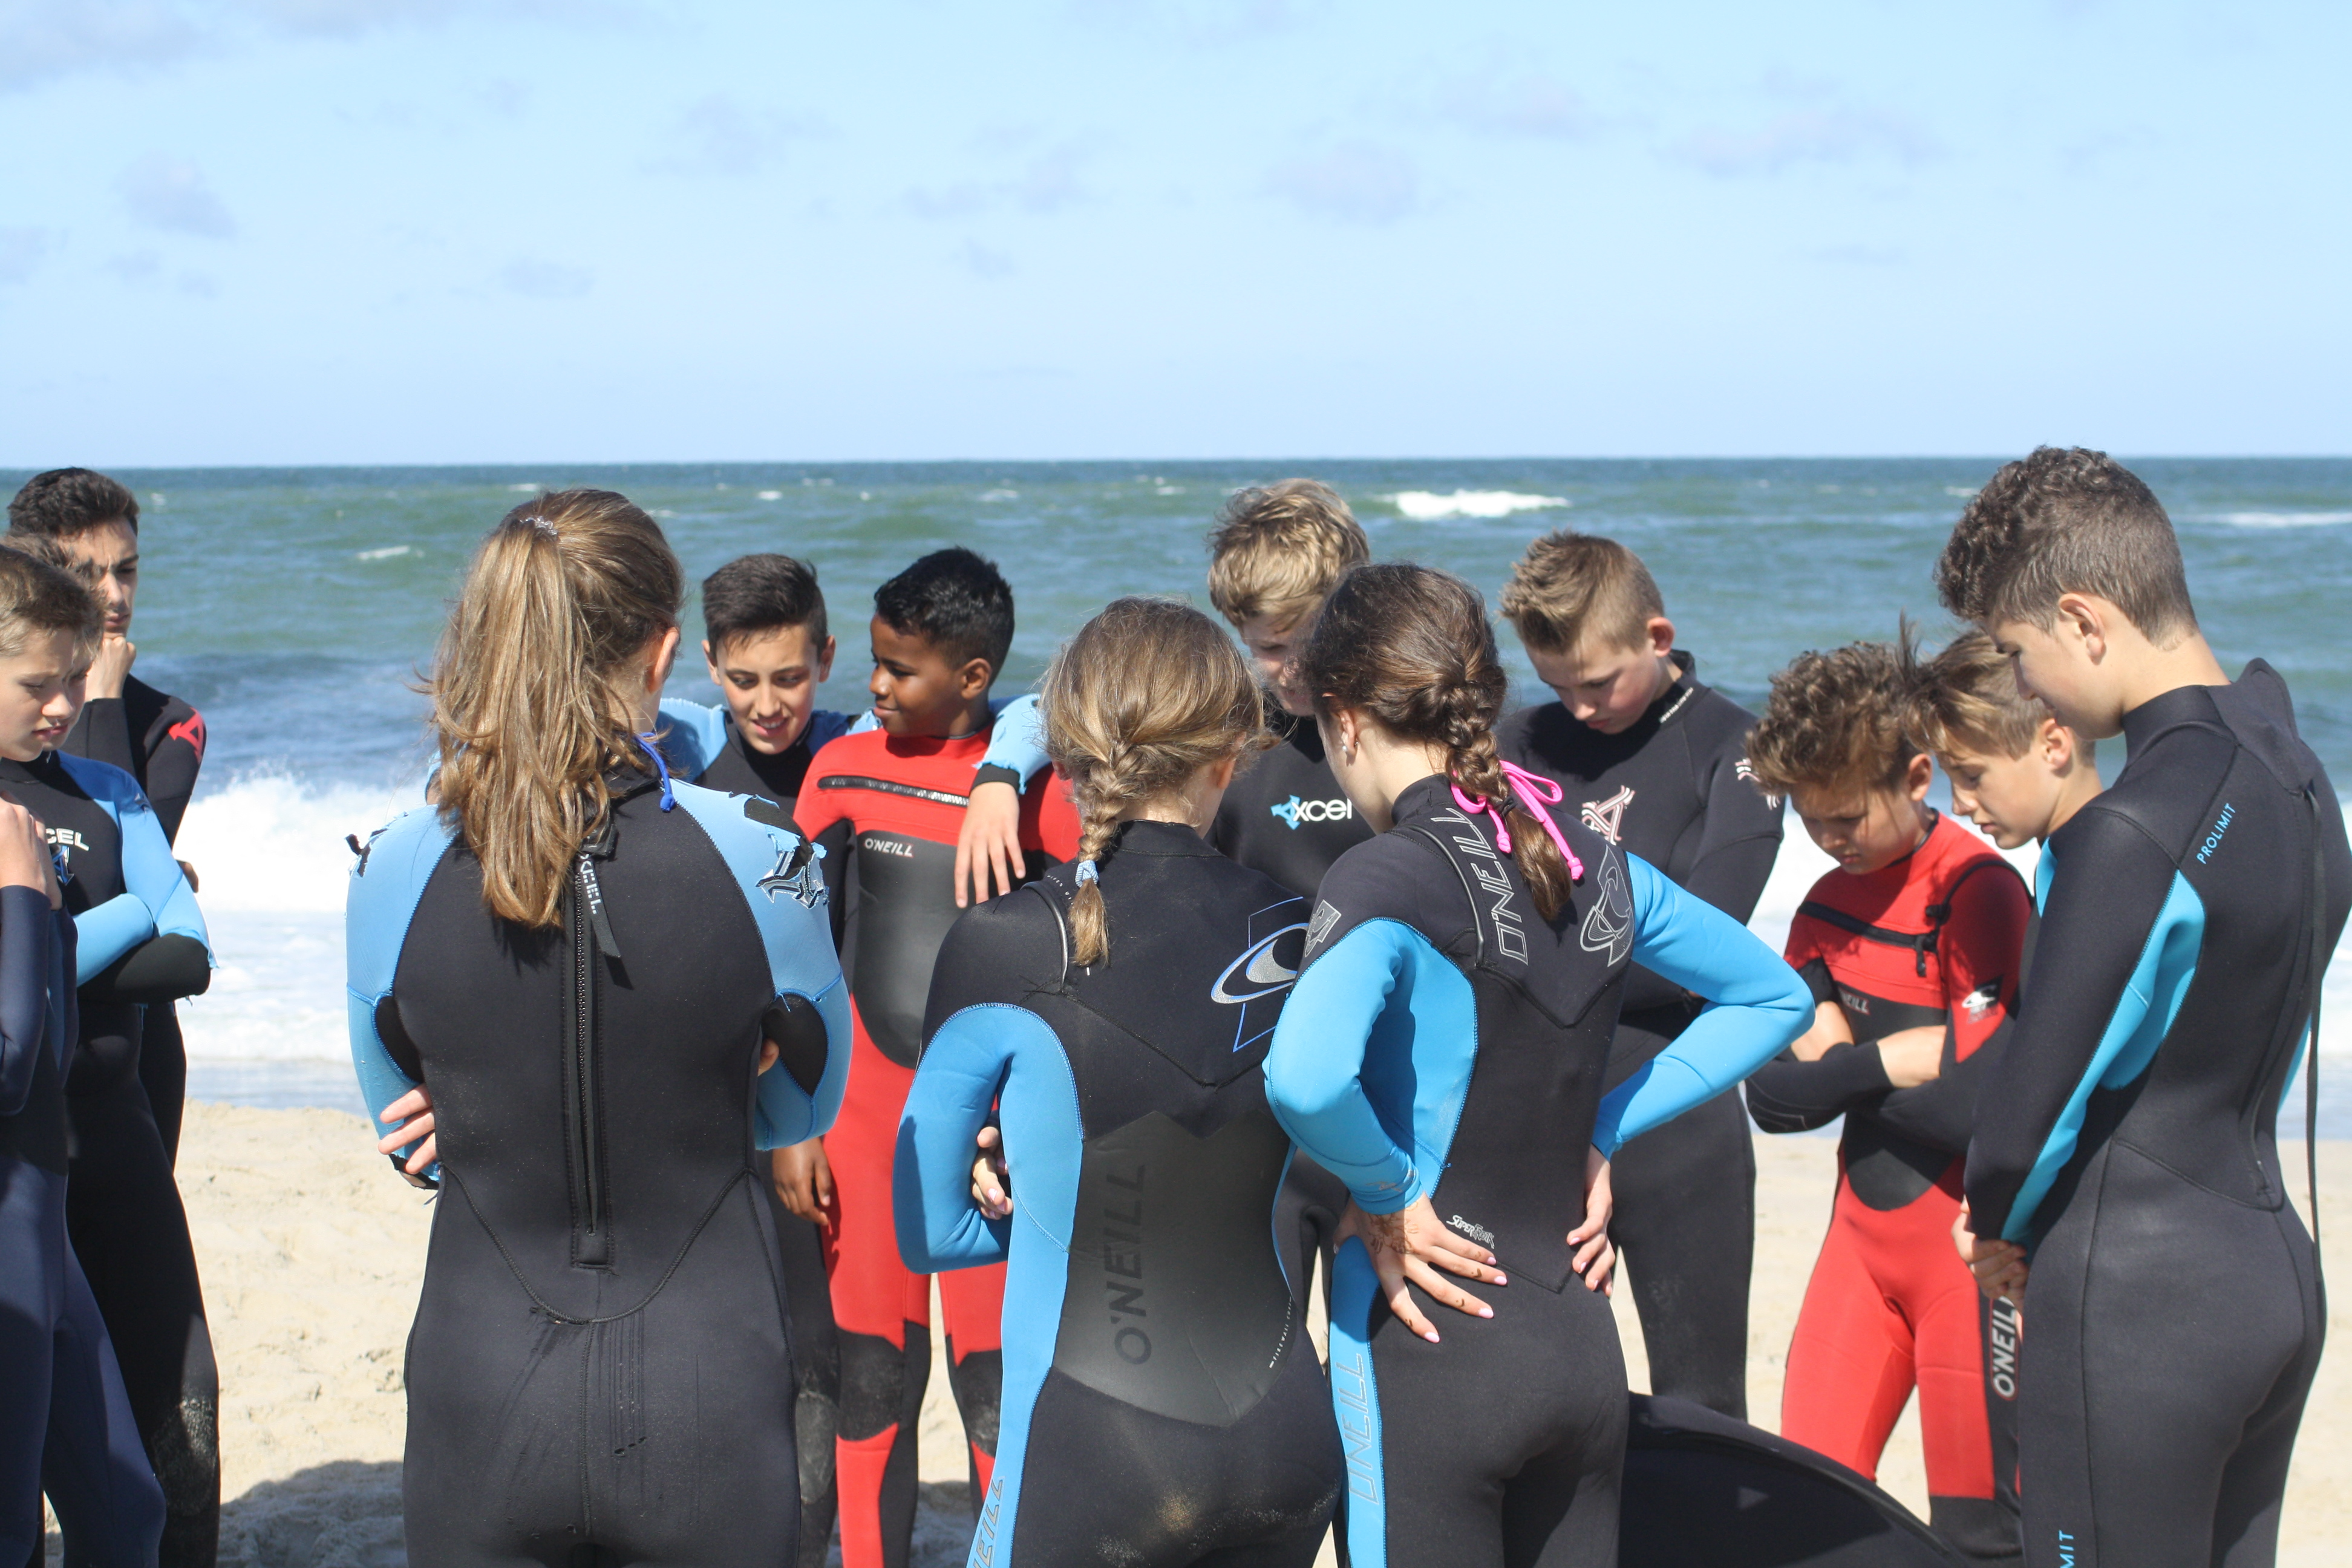 Klassenfahrt an die Nordsee | Surfen lernen im Surfcamp